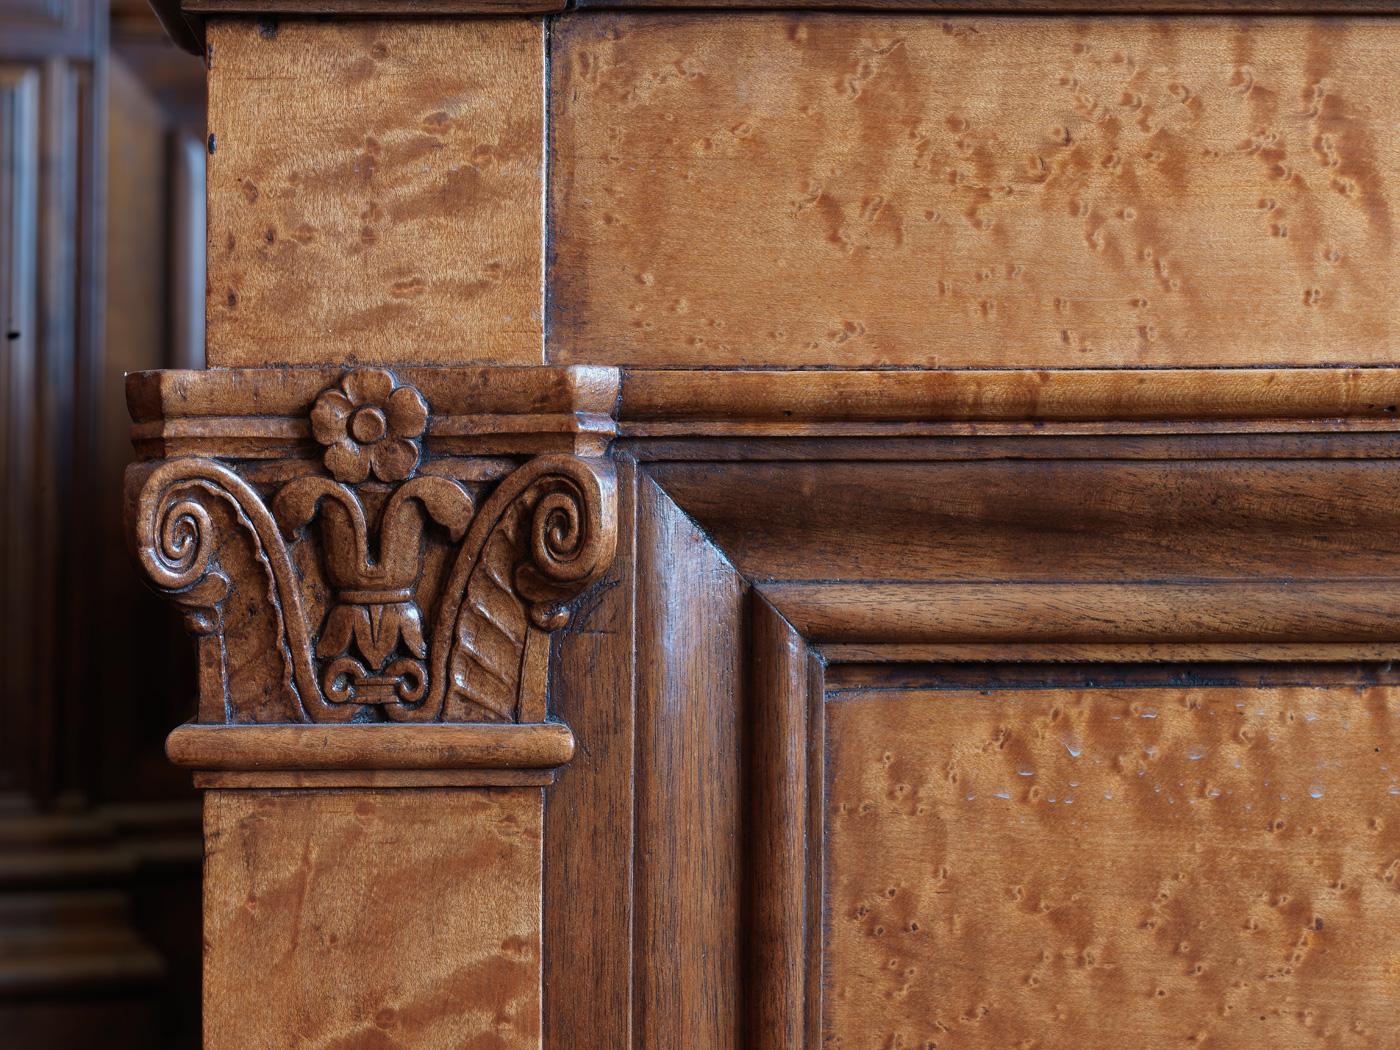 restauration boiseries palais de justice lyon